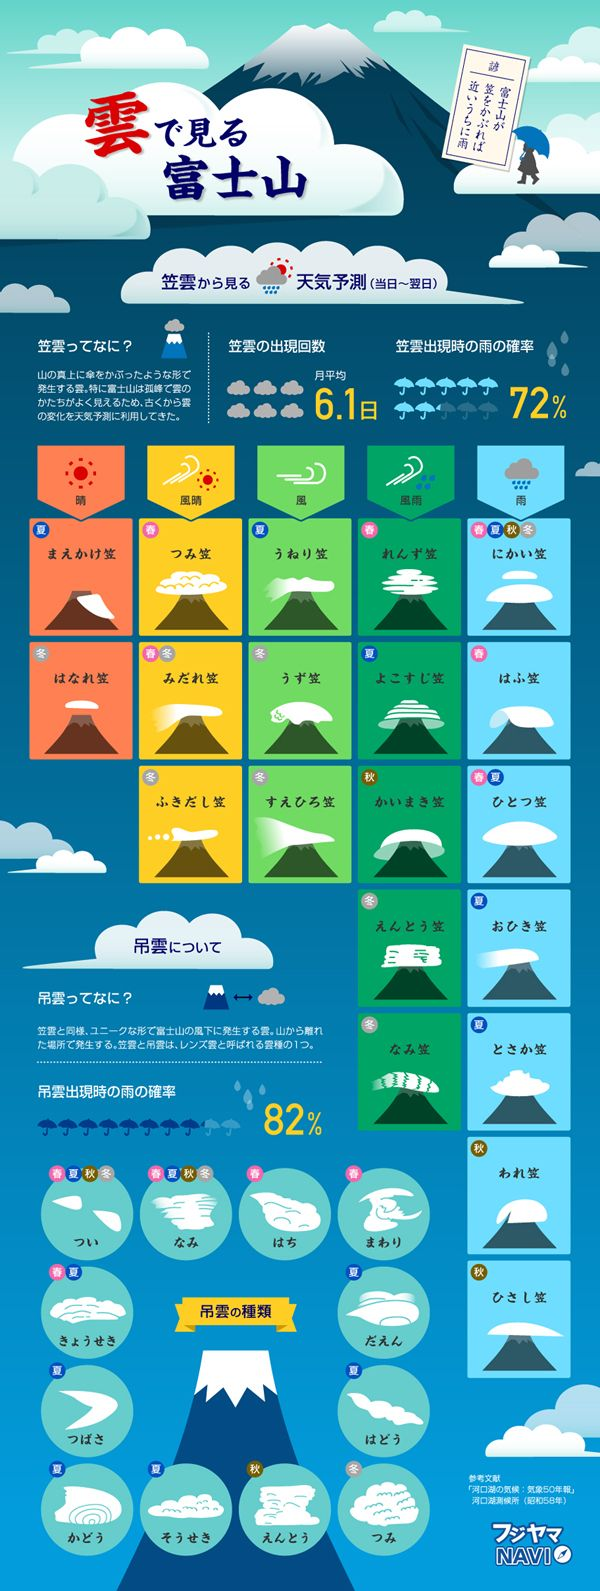 富士山に発生する雲の中で代表的な、笠雲(かさぐも)と吊雲(つるしぐも)。富士山にかかる雲のかたちで、天気を予測できることをご存知でしたか?笠...